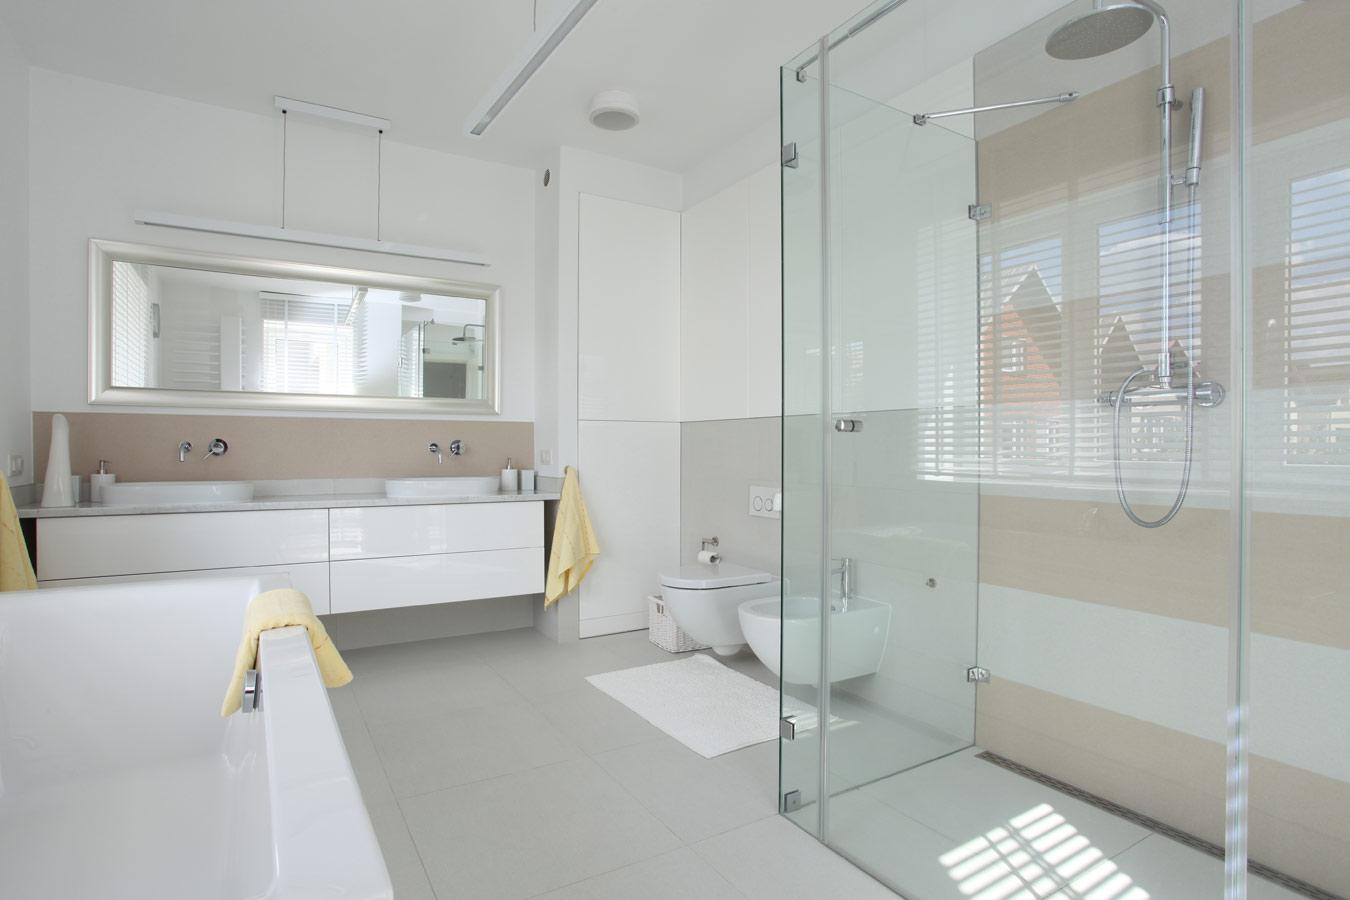 glazen douchewand plaatsen: tips en inspiratie foto's, Badkamer